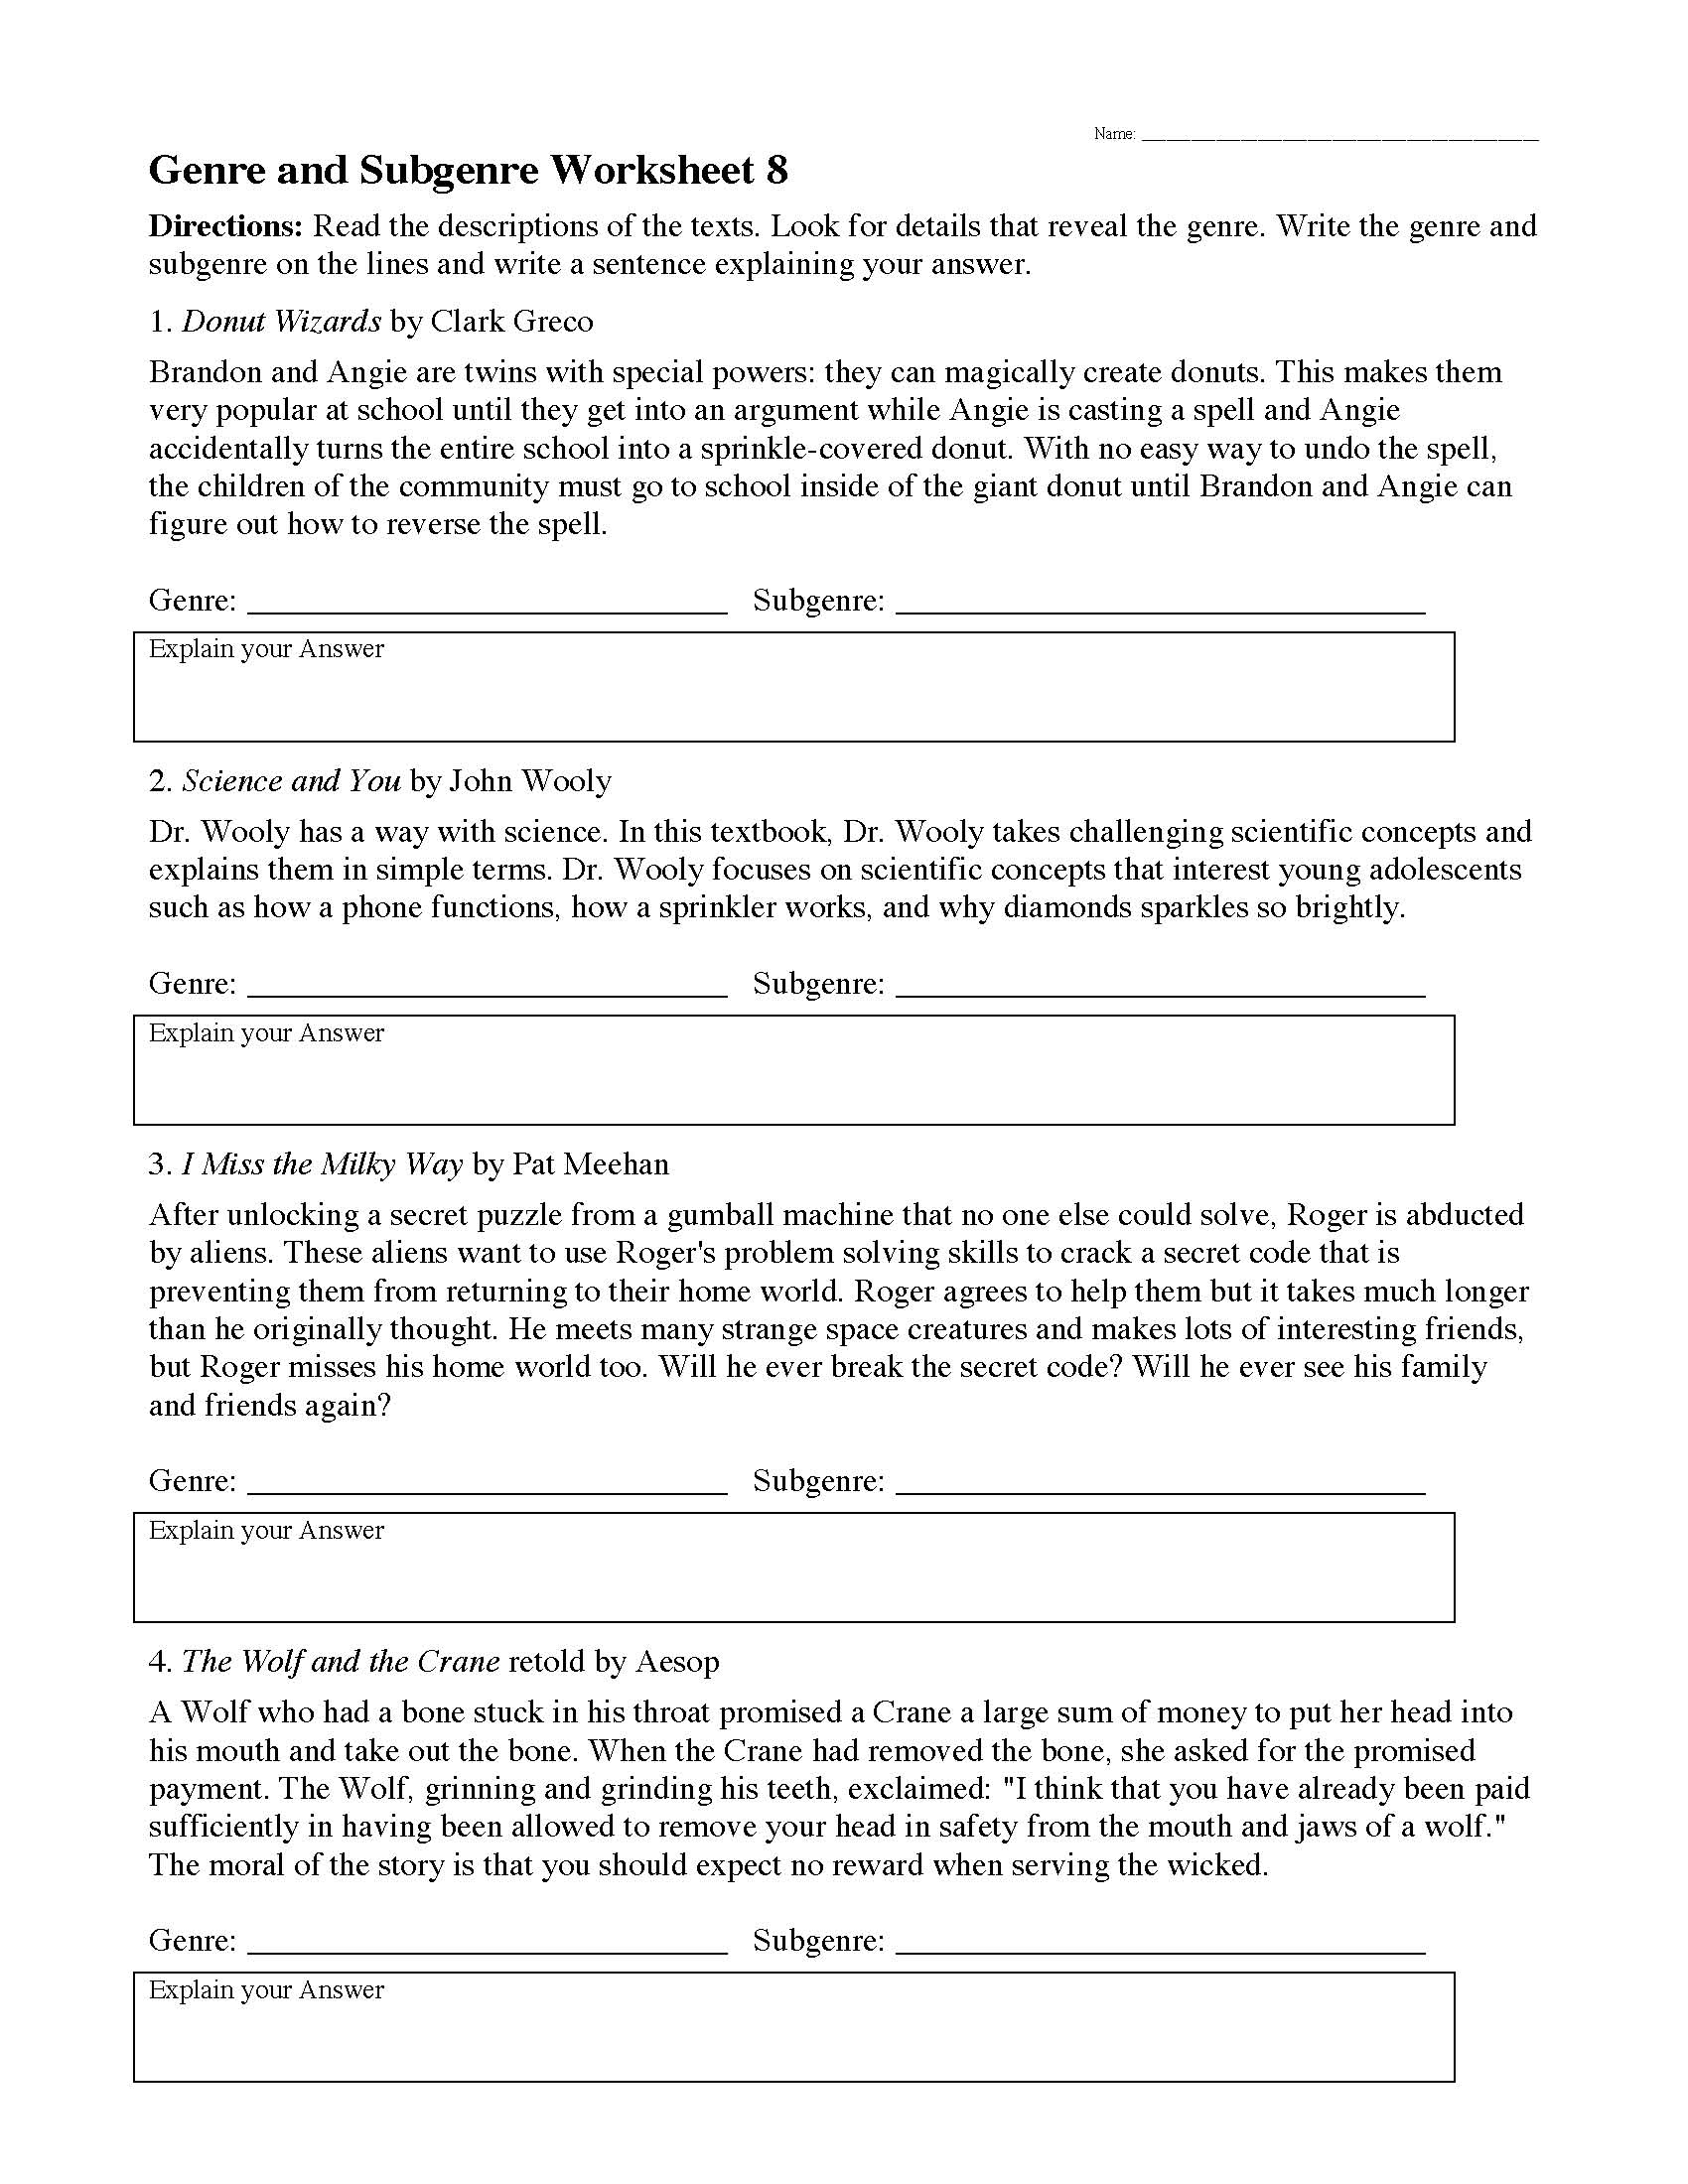 Genre Worksheet 8